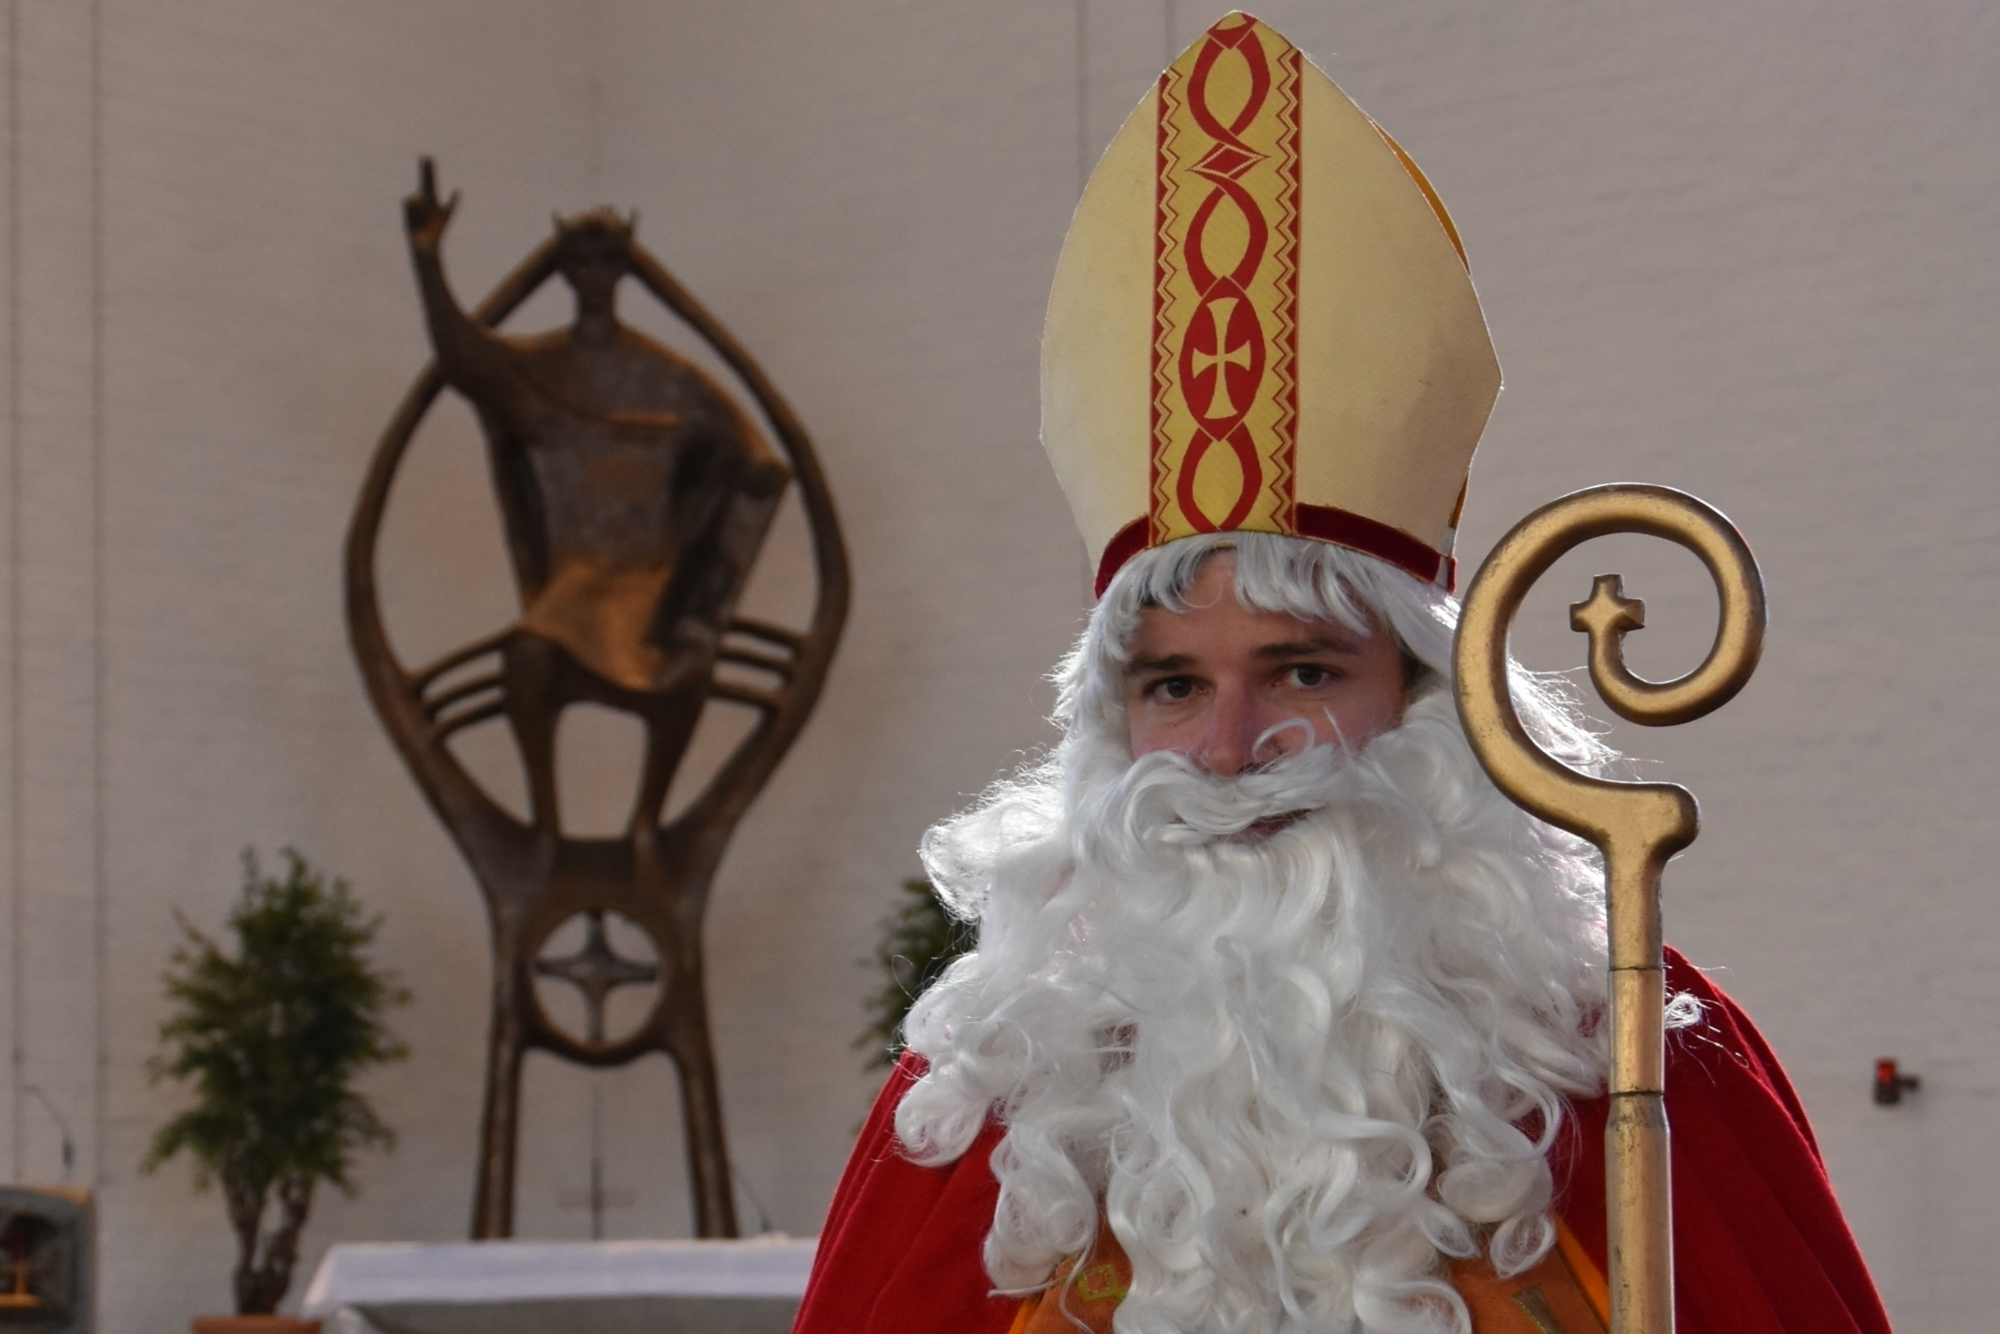 Nikolaus Bild in der Kirche ZULF 2